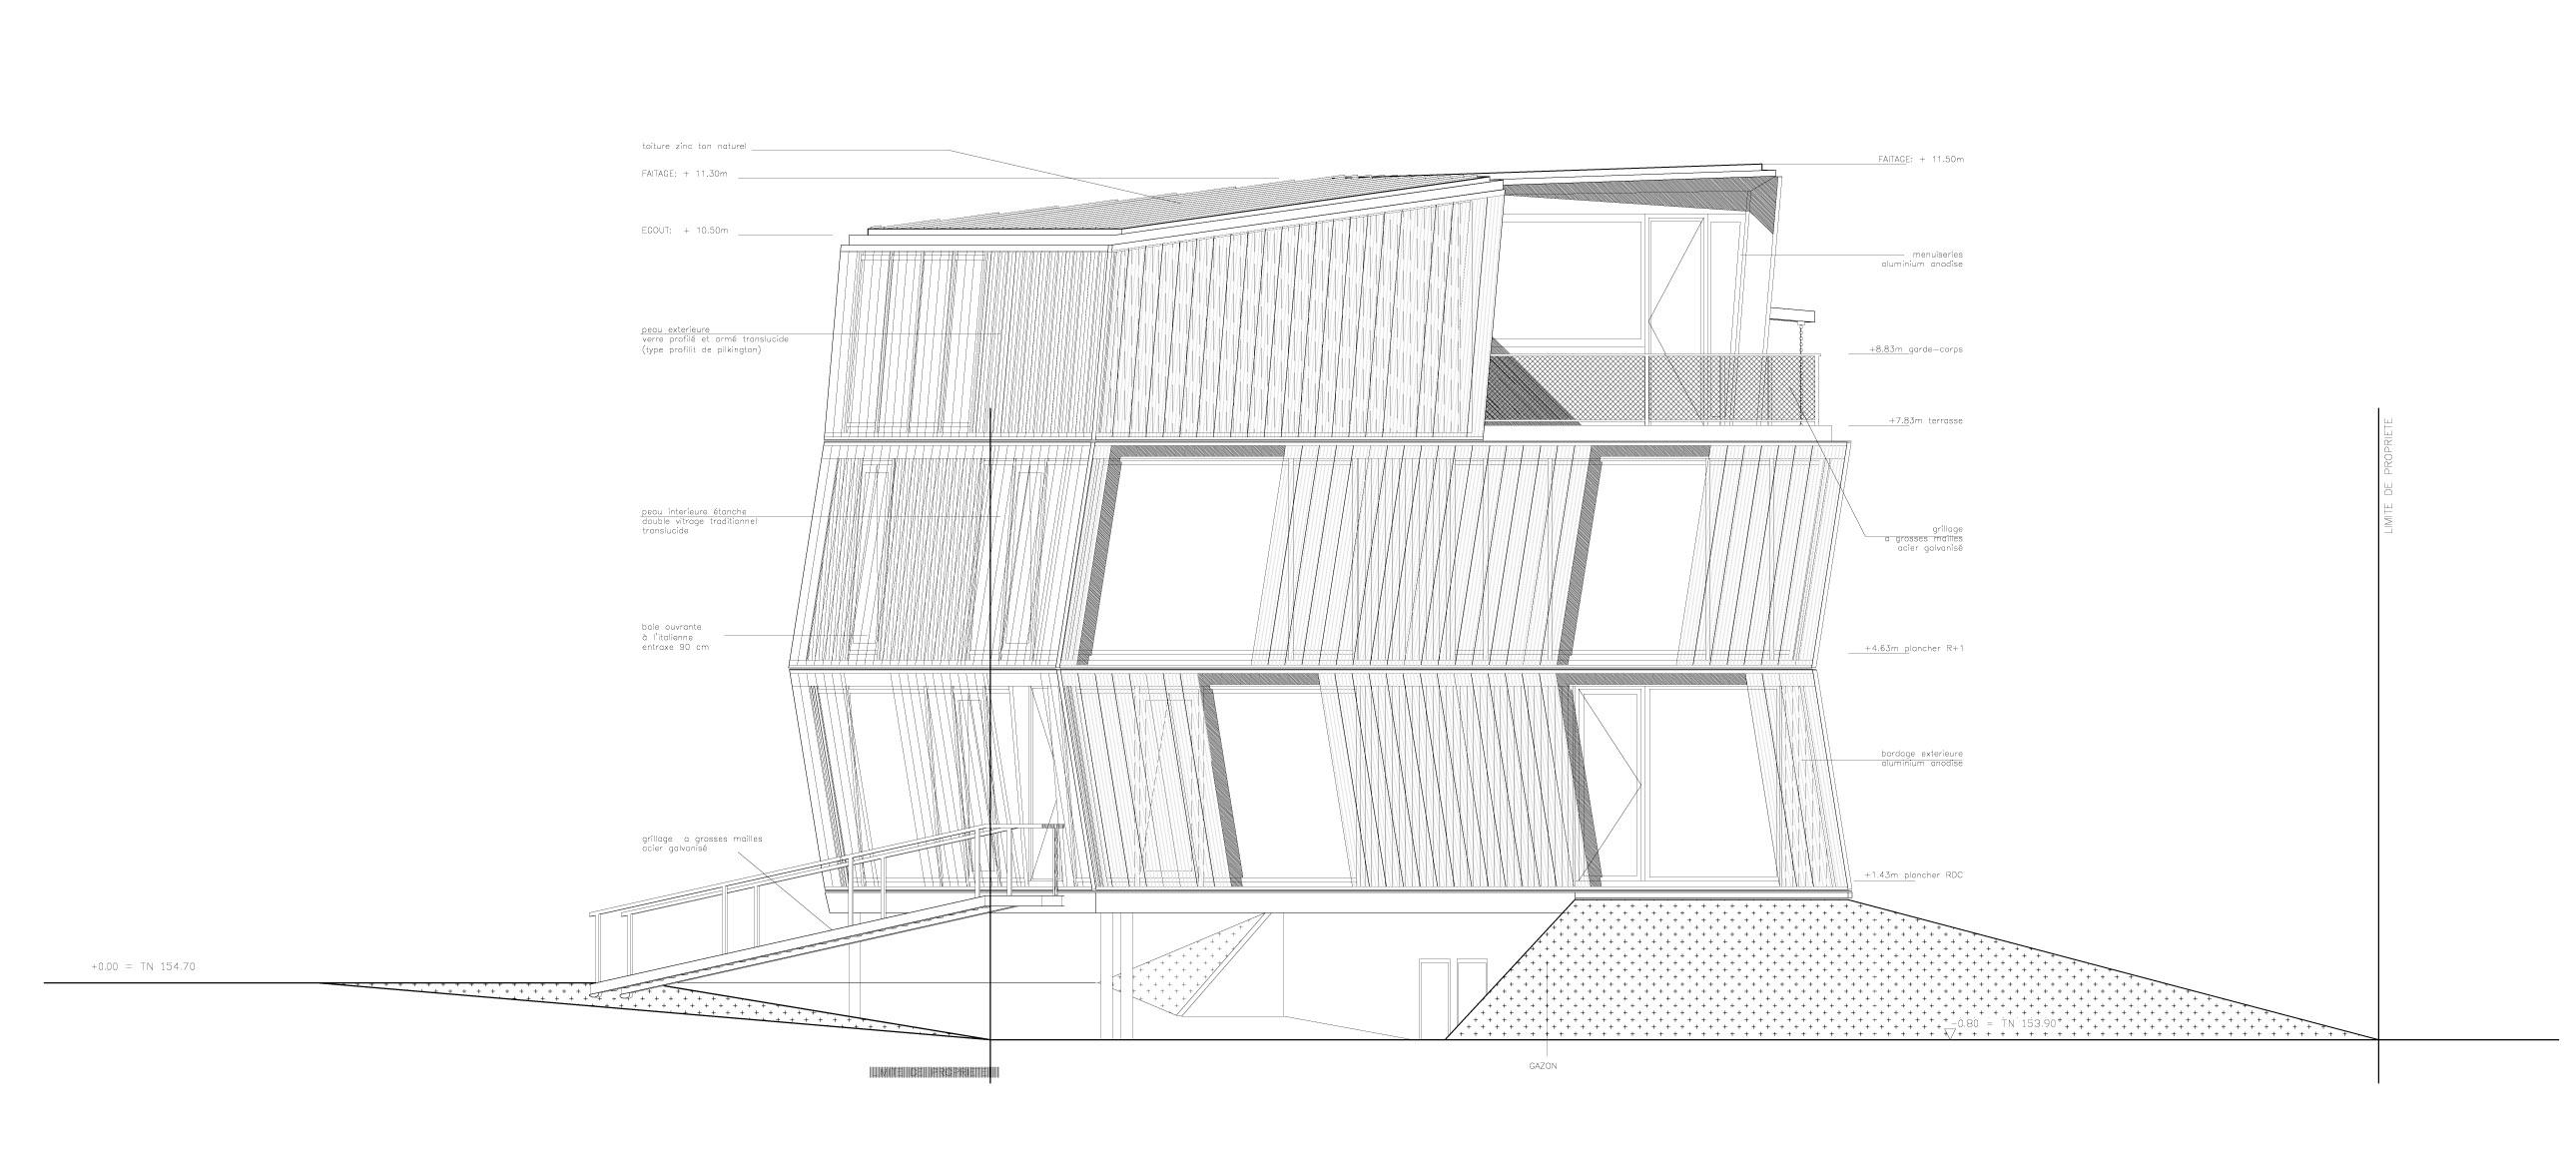 1665866963-fachada-oeste west façade